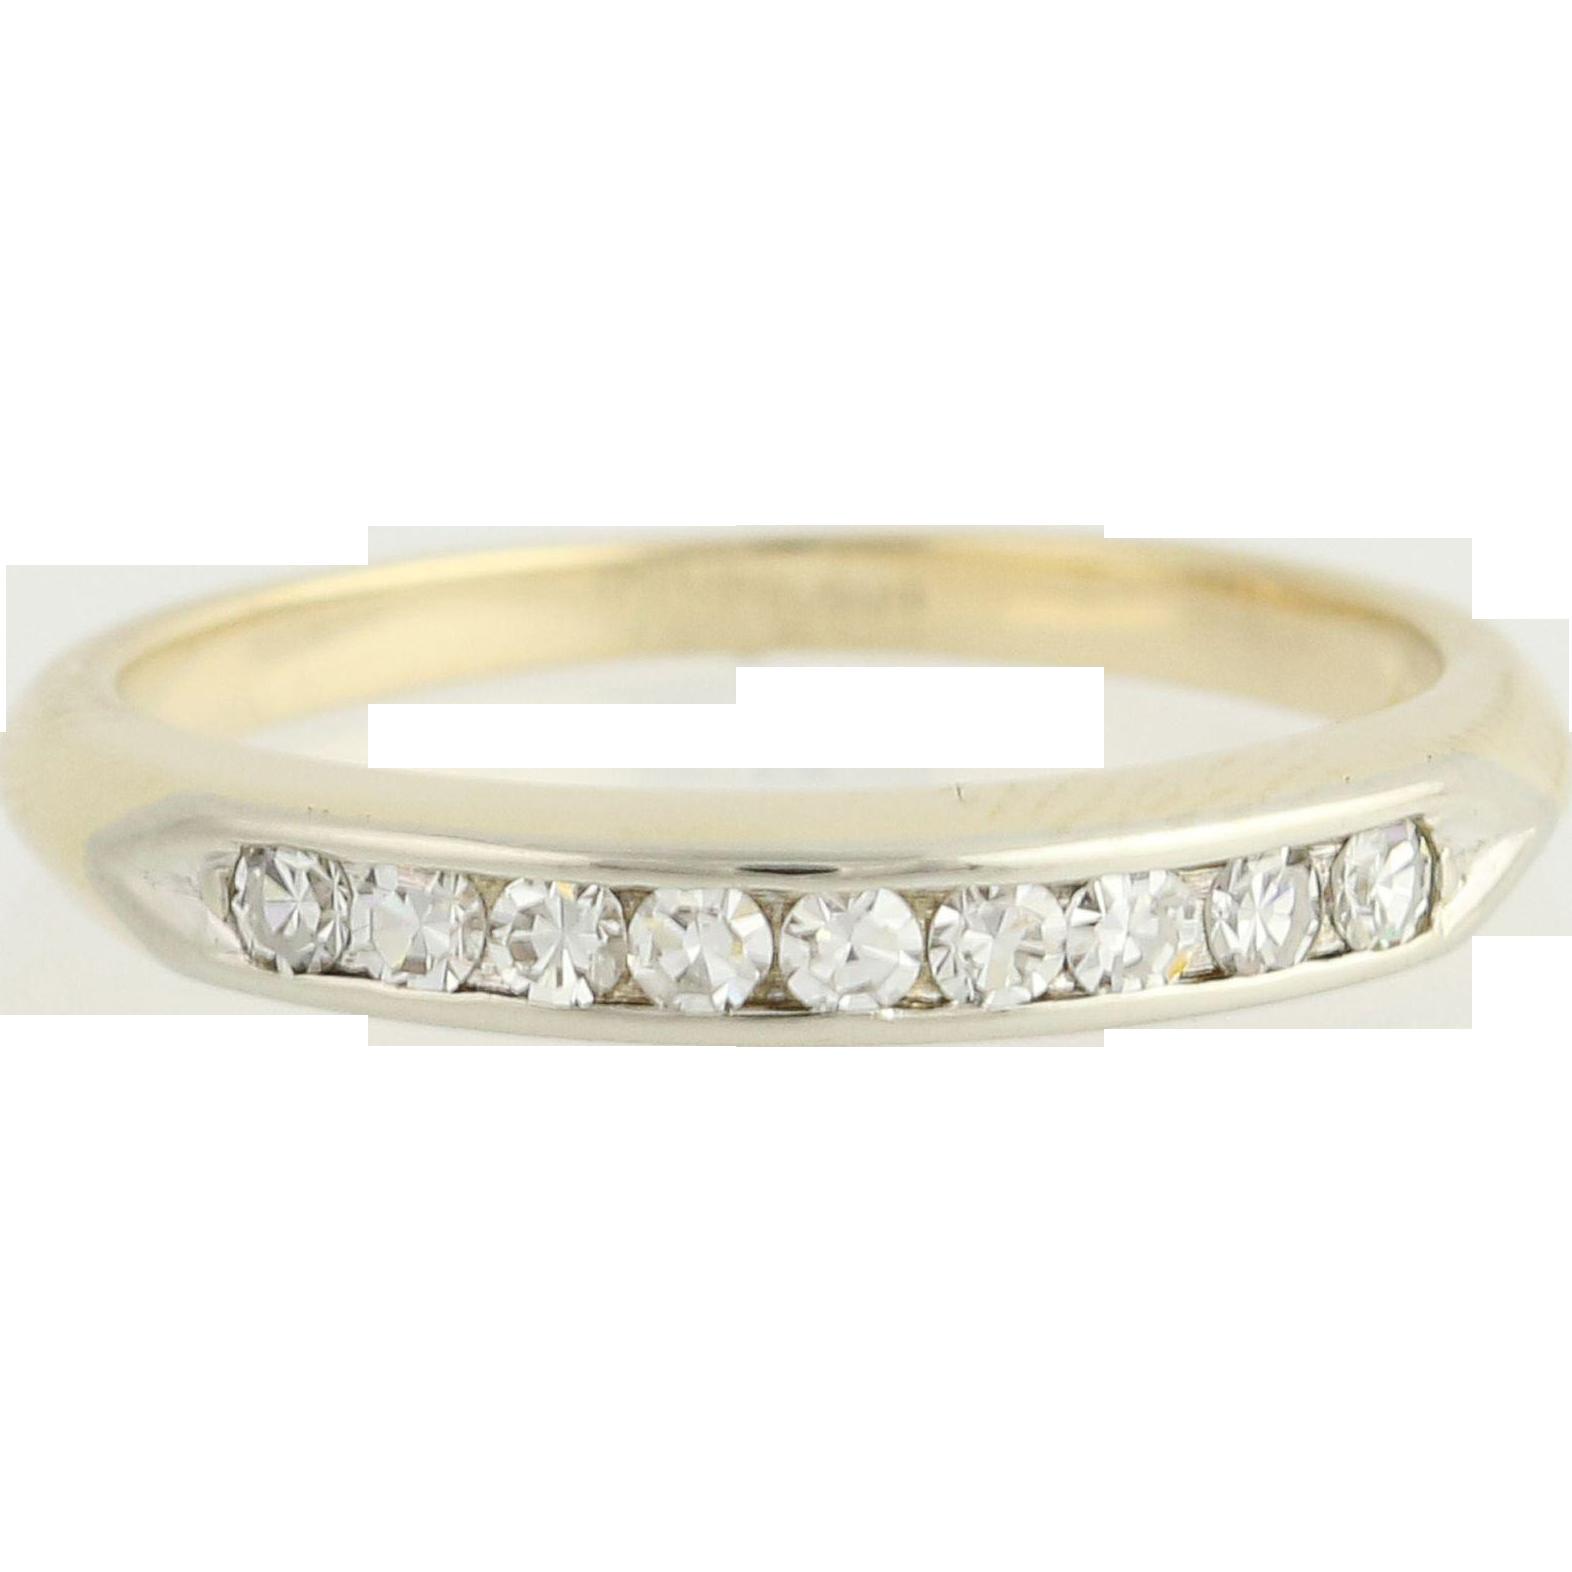 Vintage Diamond Wedding Band - 14k Yellow & White Gold .27ctw